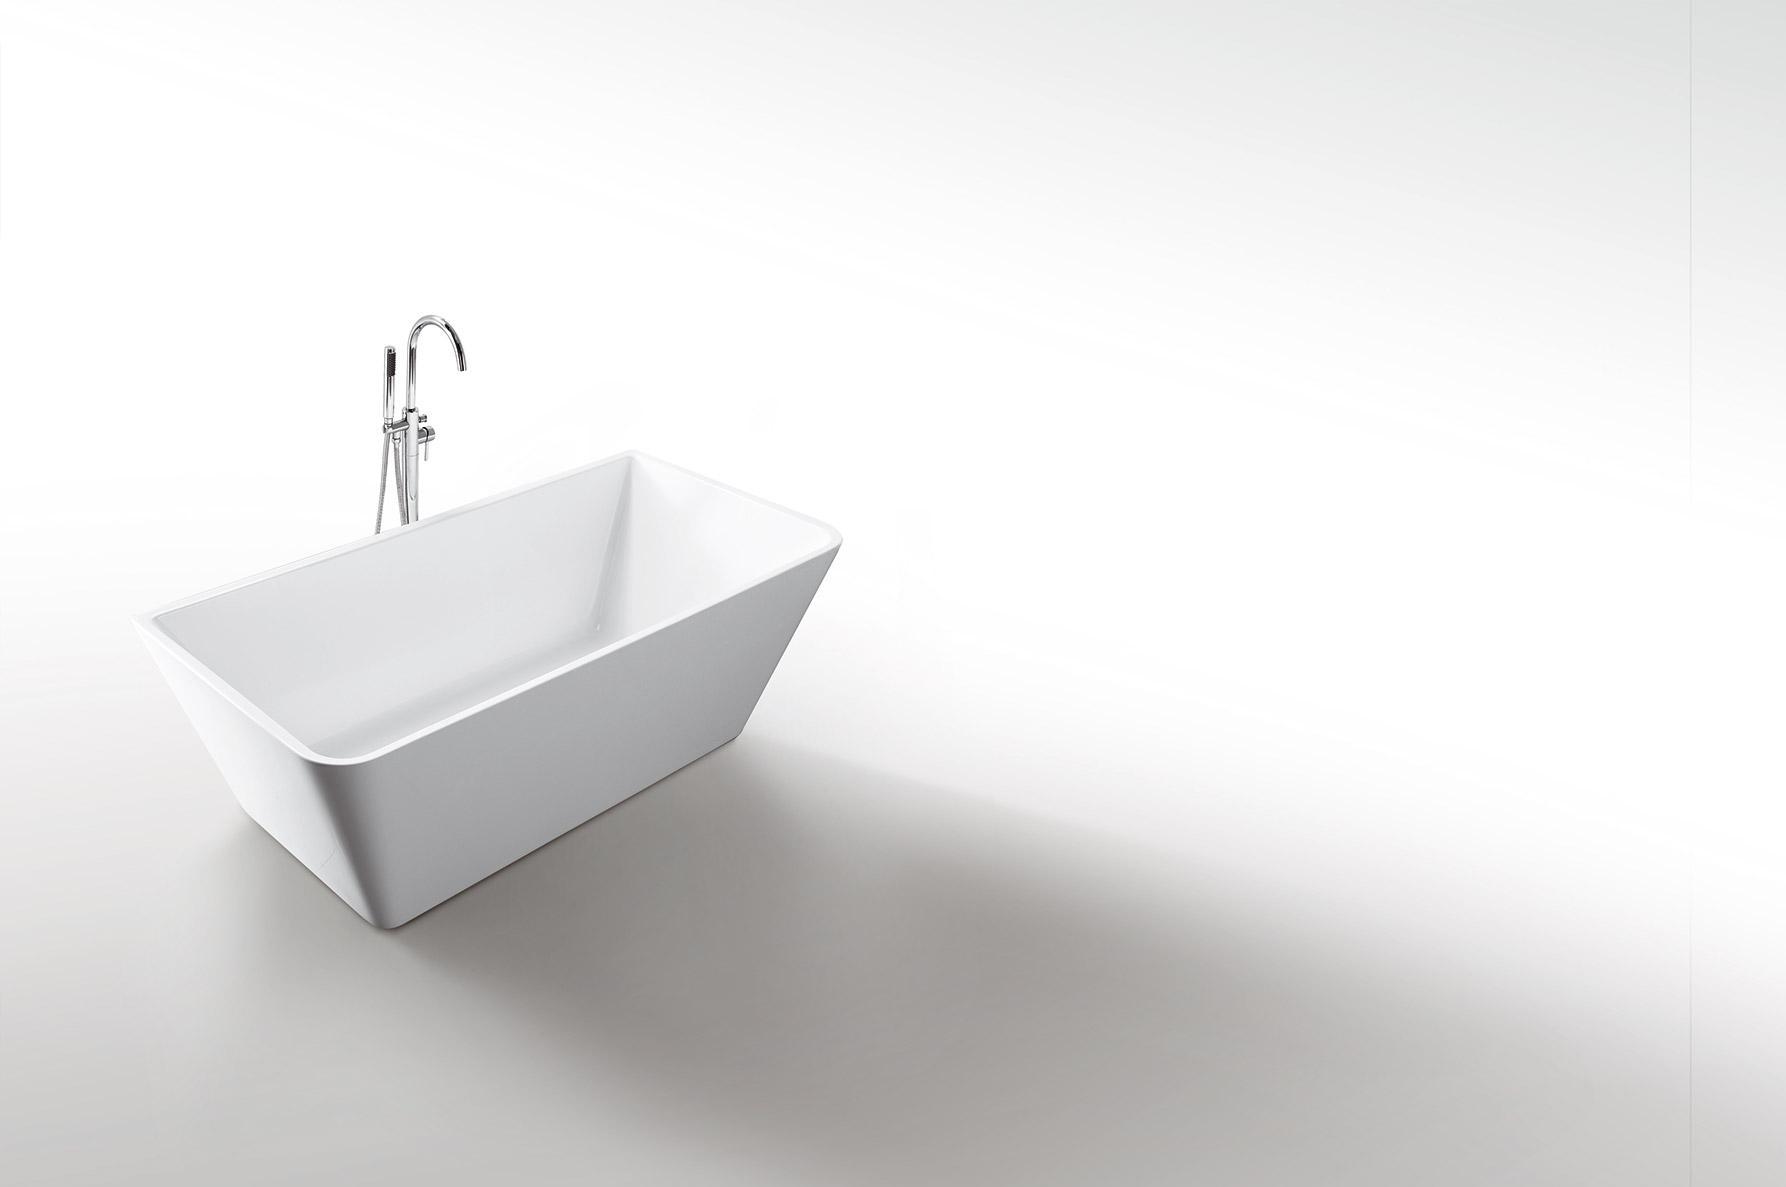 Vasca Da Bagno Trapezoidale : Vasca da bagno tahiti vascaidromassaggio.it